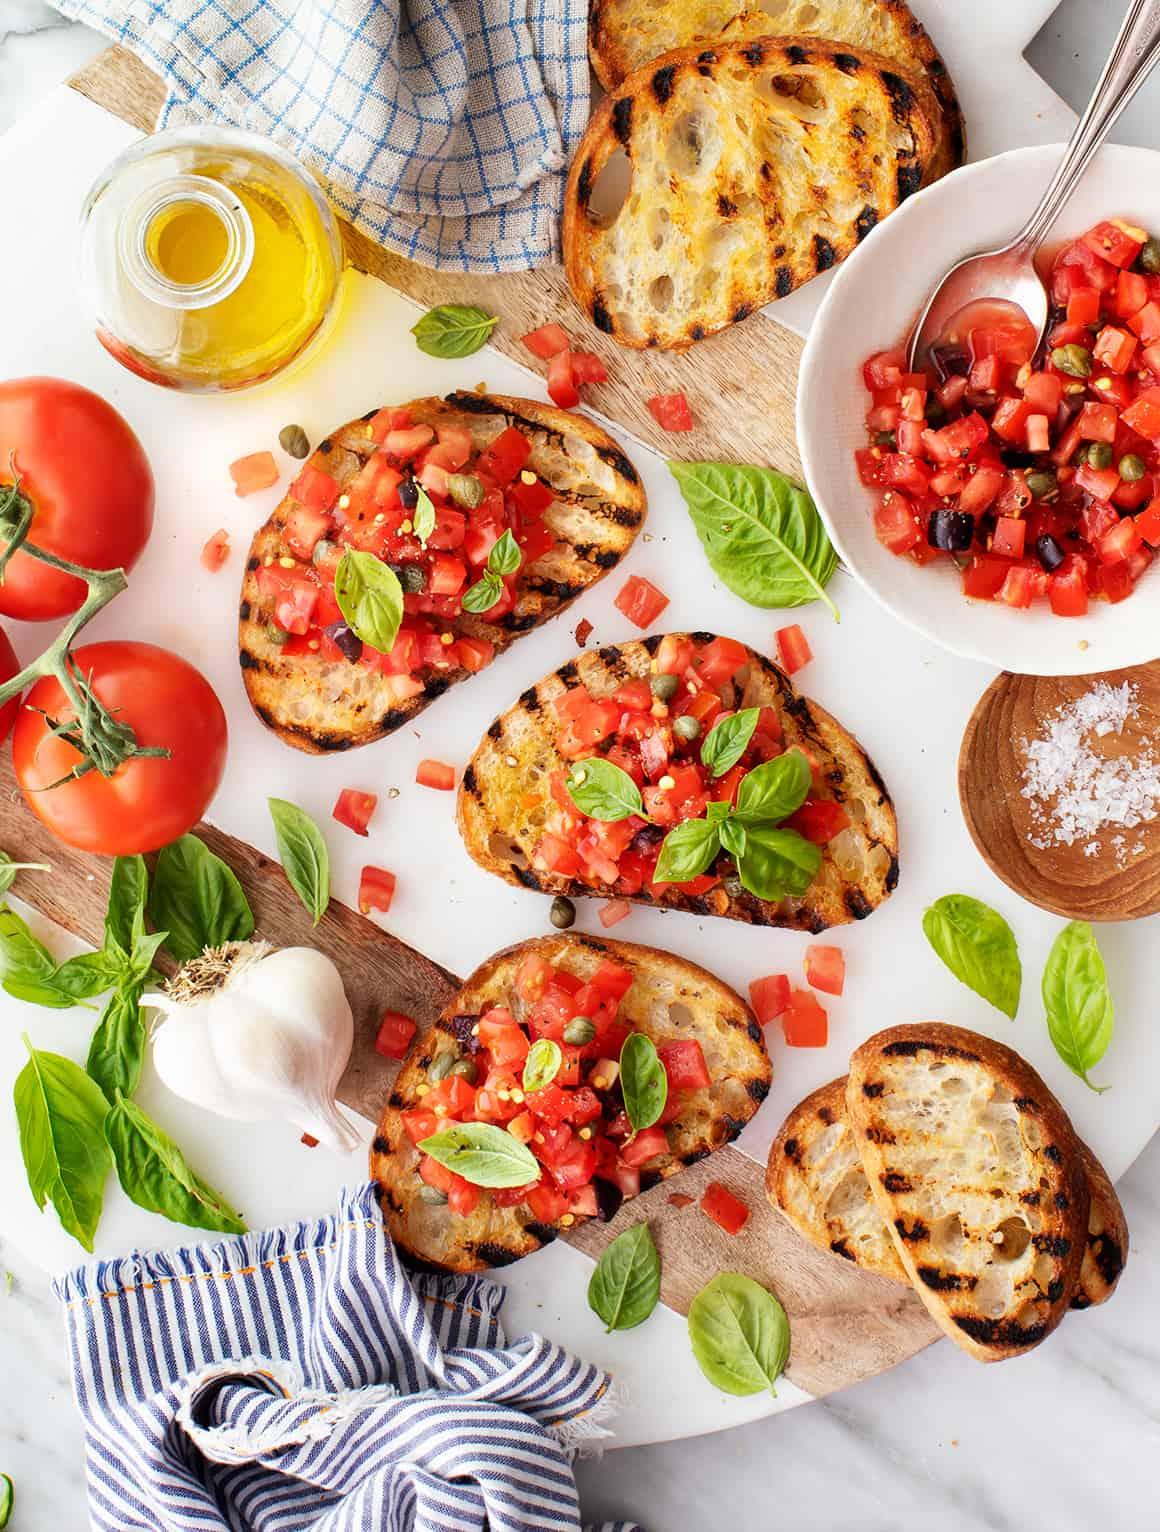 Best grill recipes - Bruschetta